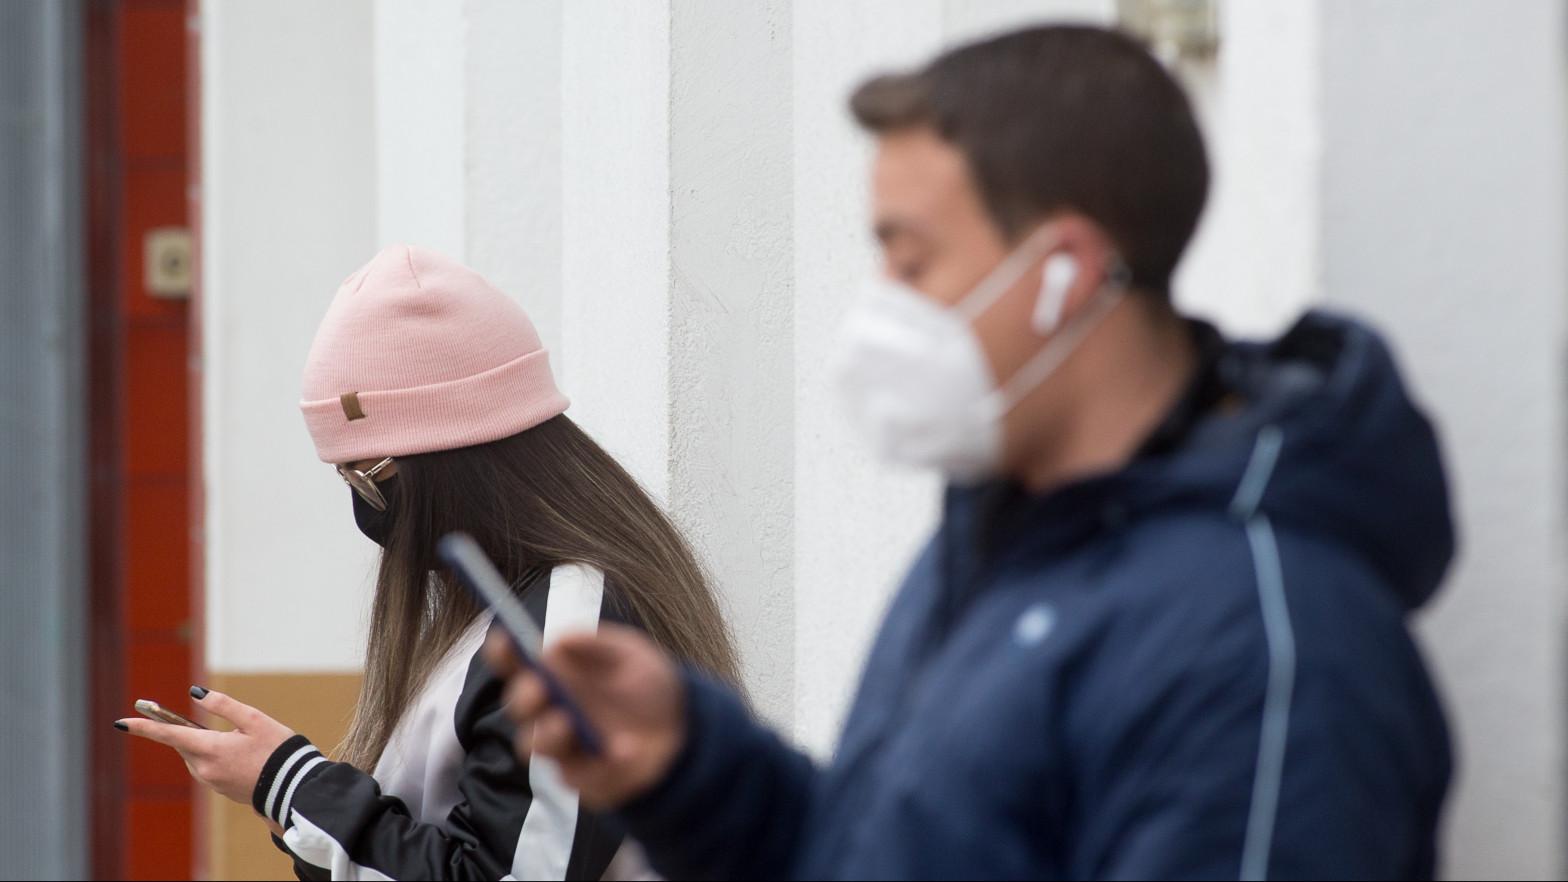 La pandemia dispara el pesimismo entre los jóvenes: un 82% se iría de España por trabajo